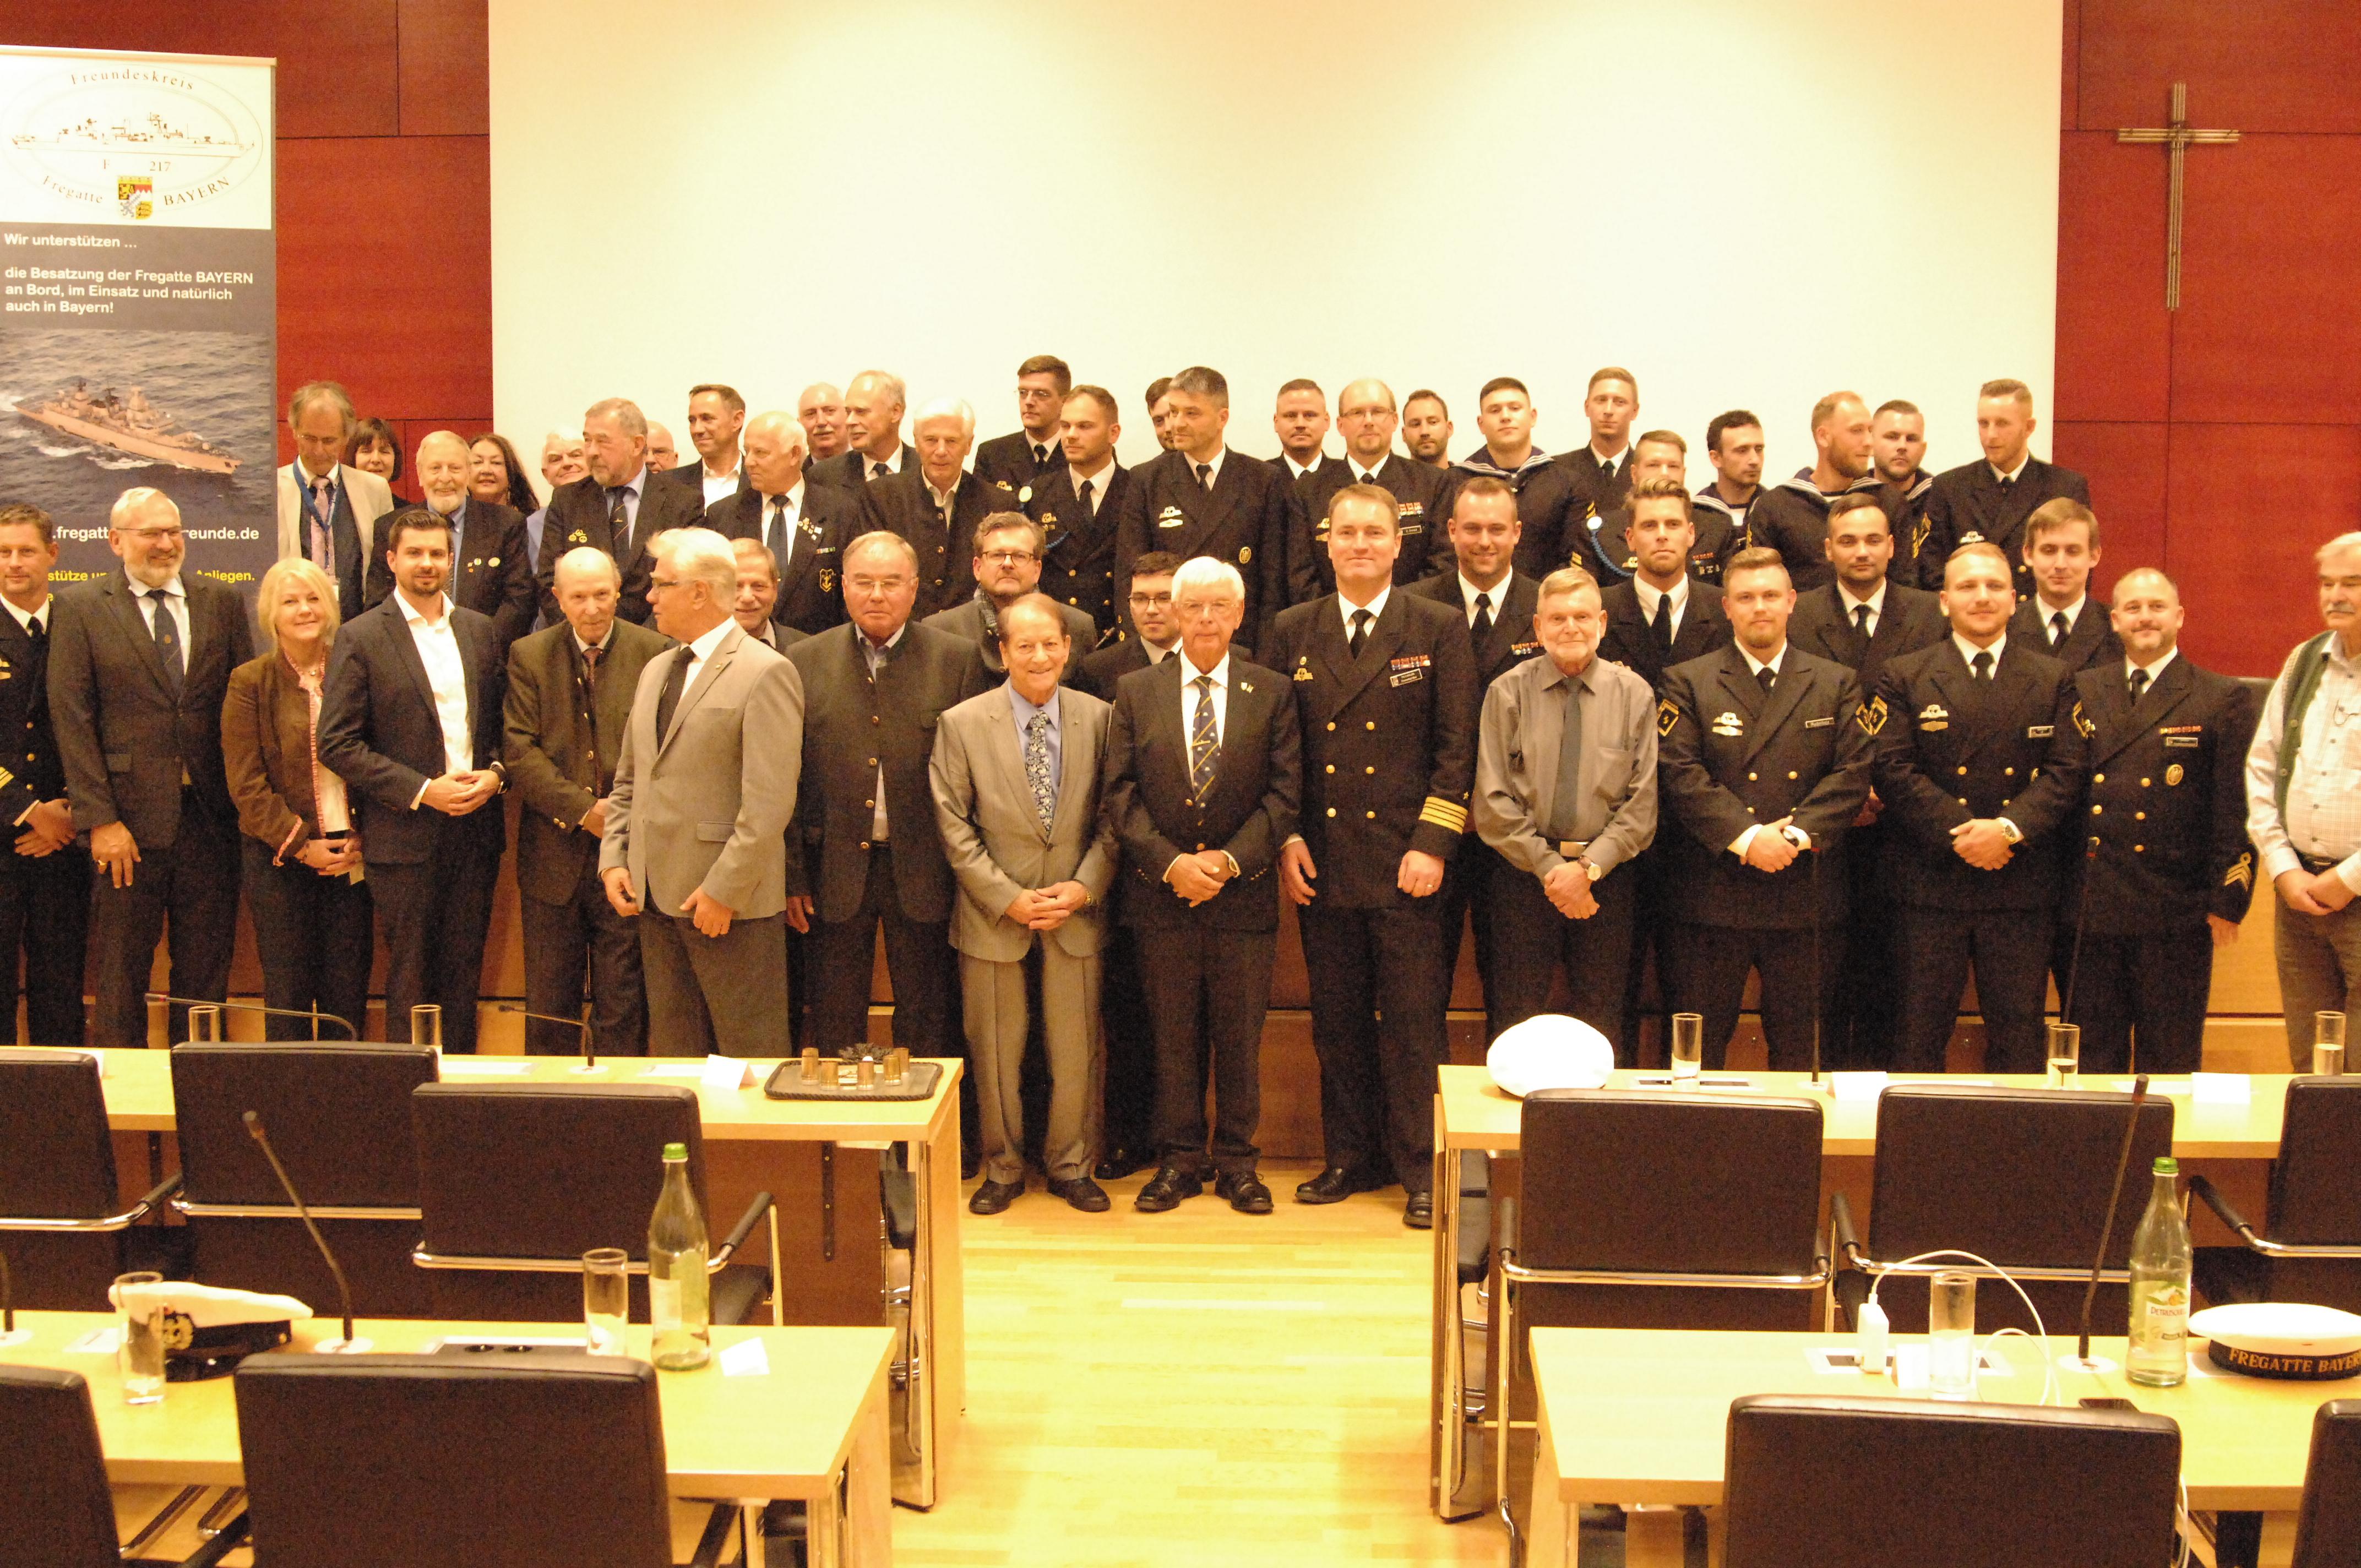 Mitgliederversammlung und Begrüßung der Schirmherrin am 25.09.2019